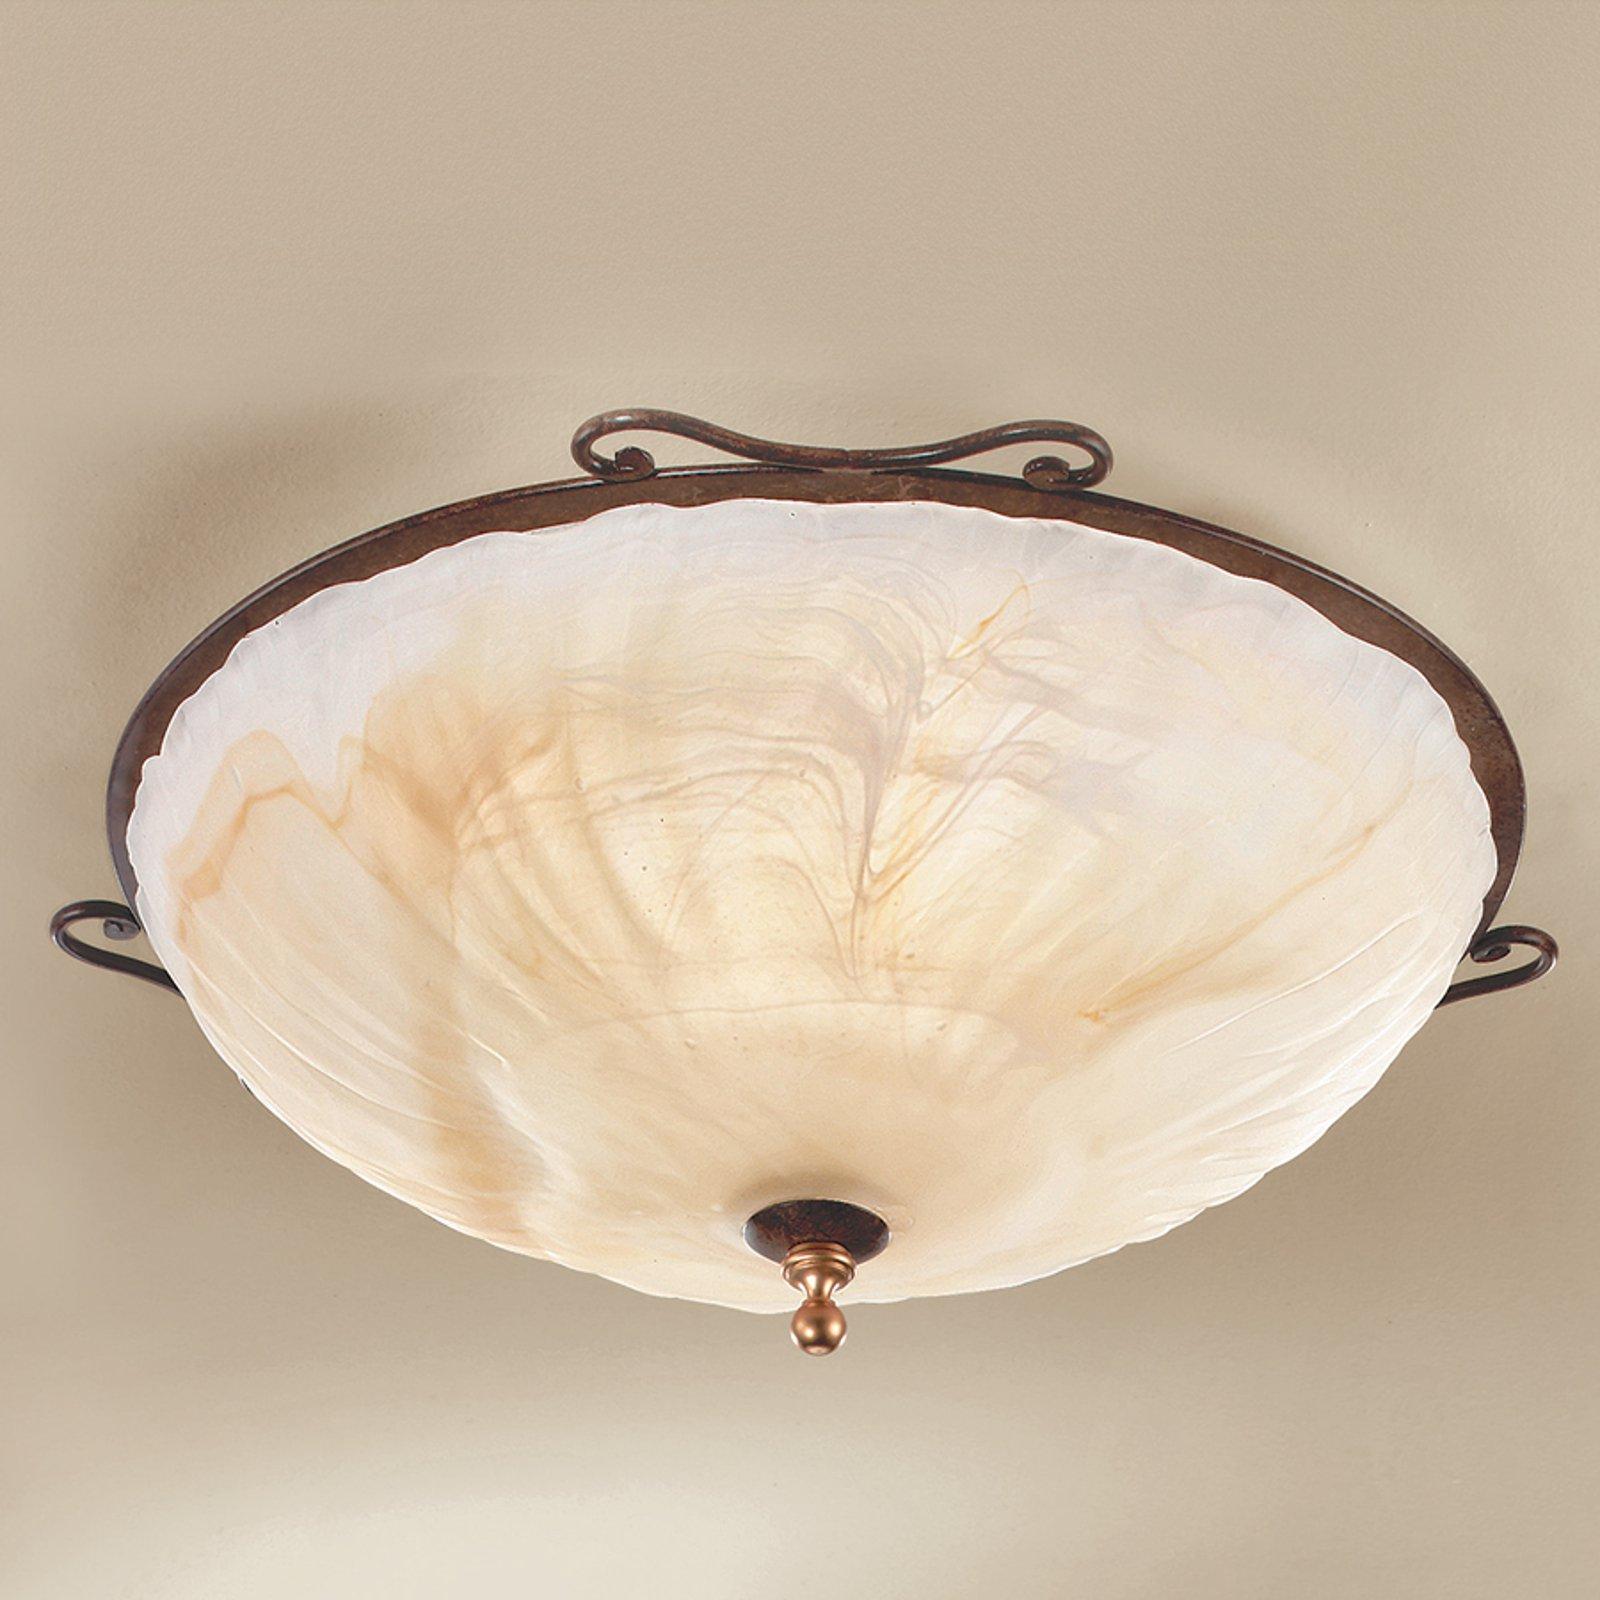 Taklampen Armelle - med antikk stil